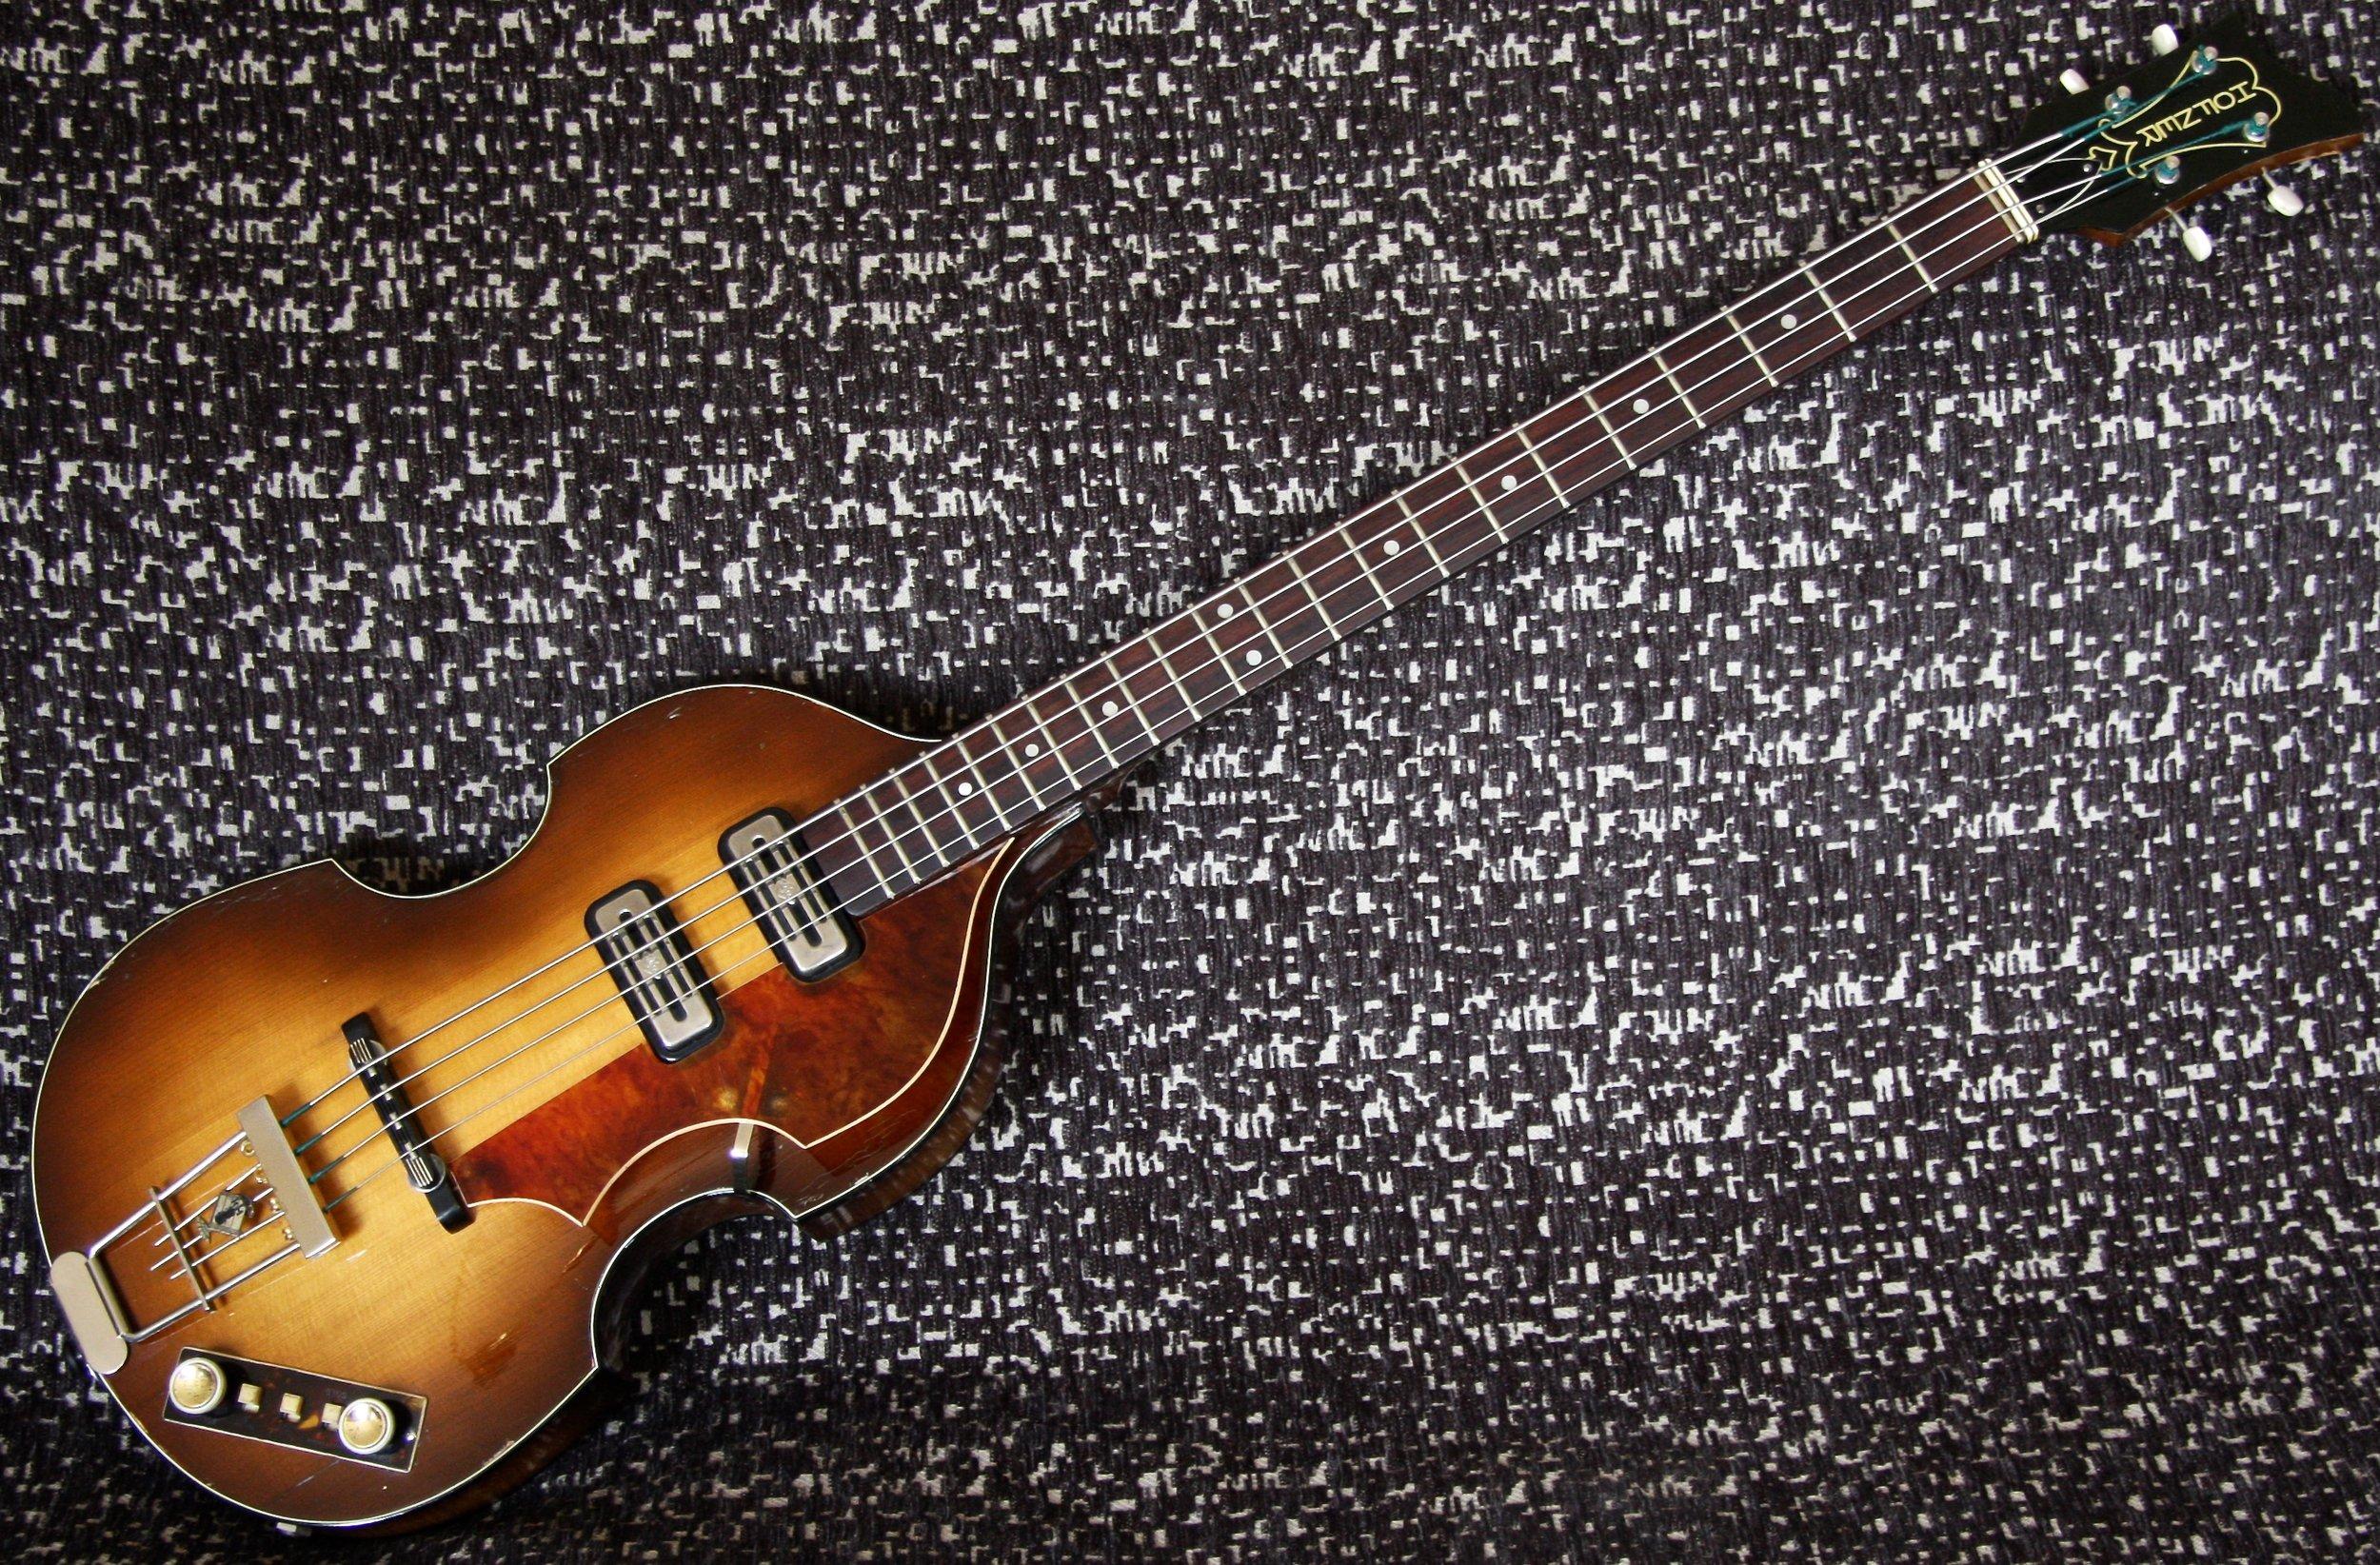 1960 Hofner 500/1